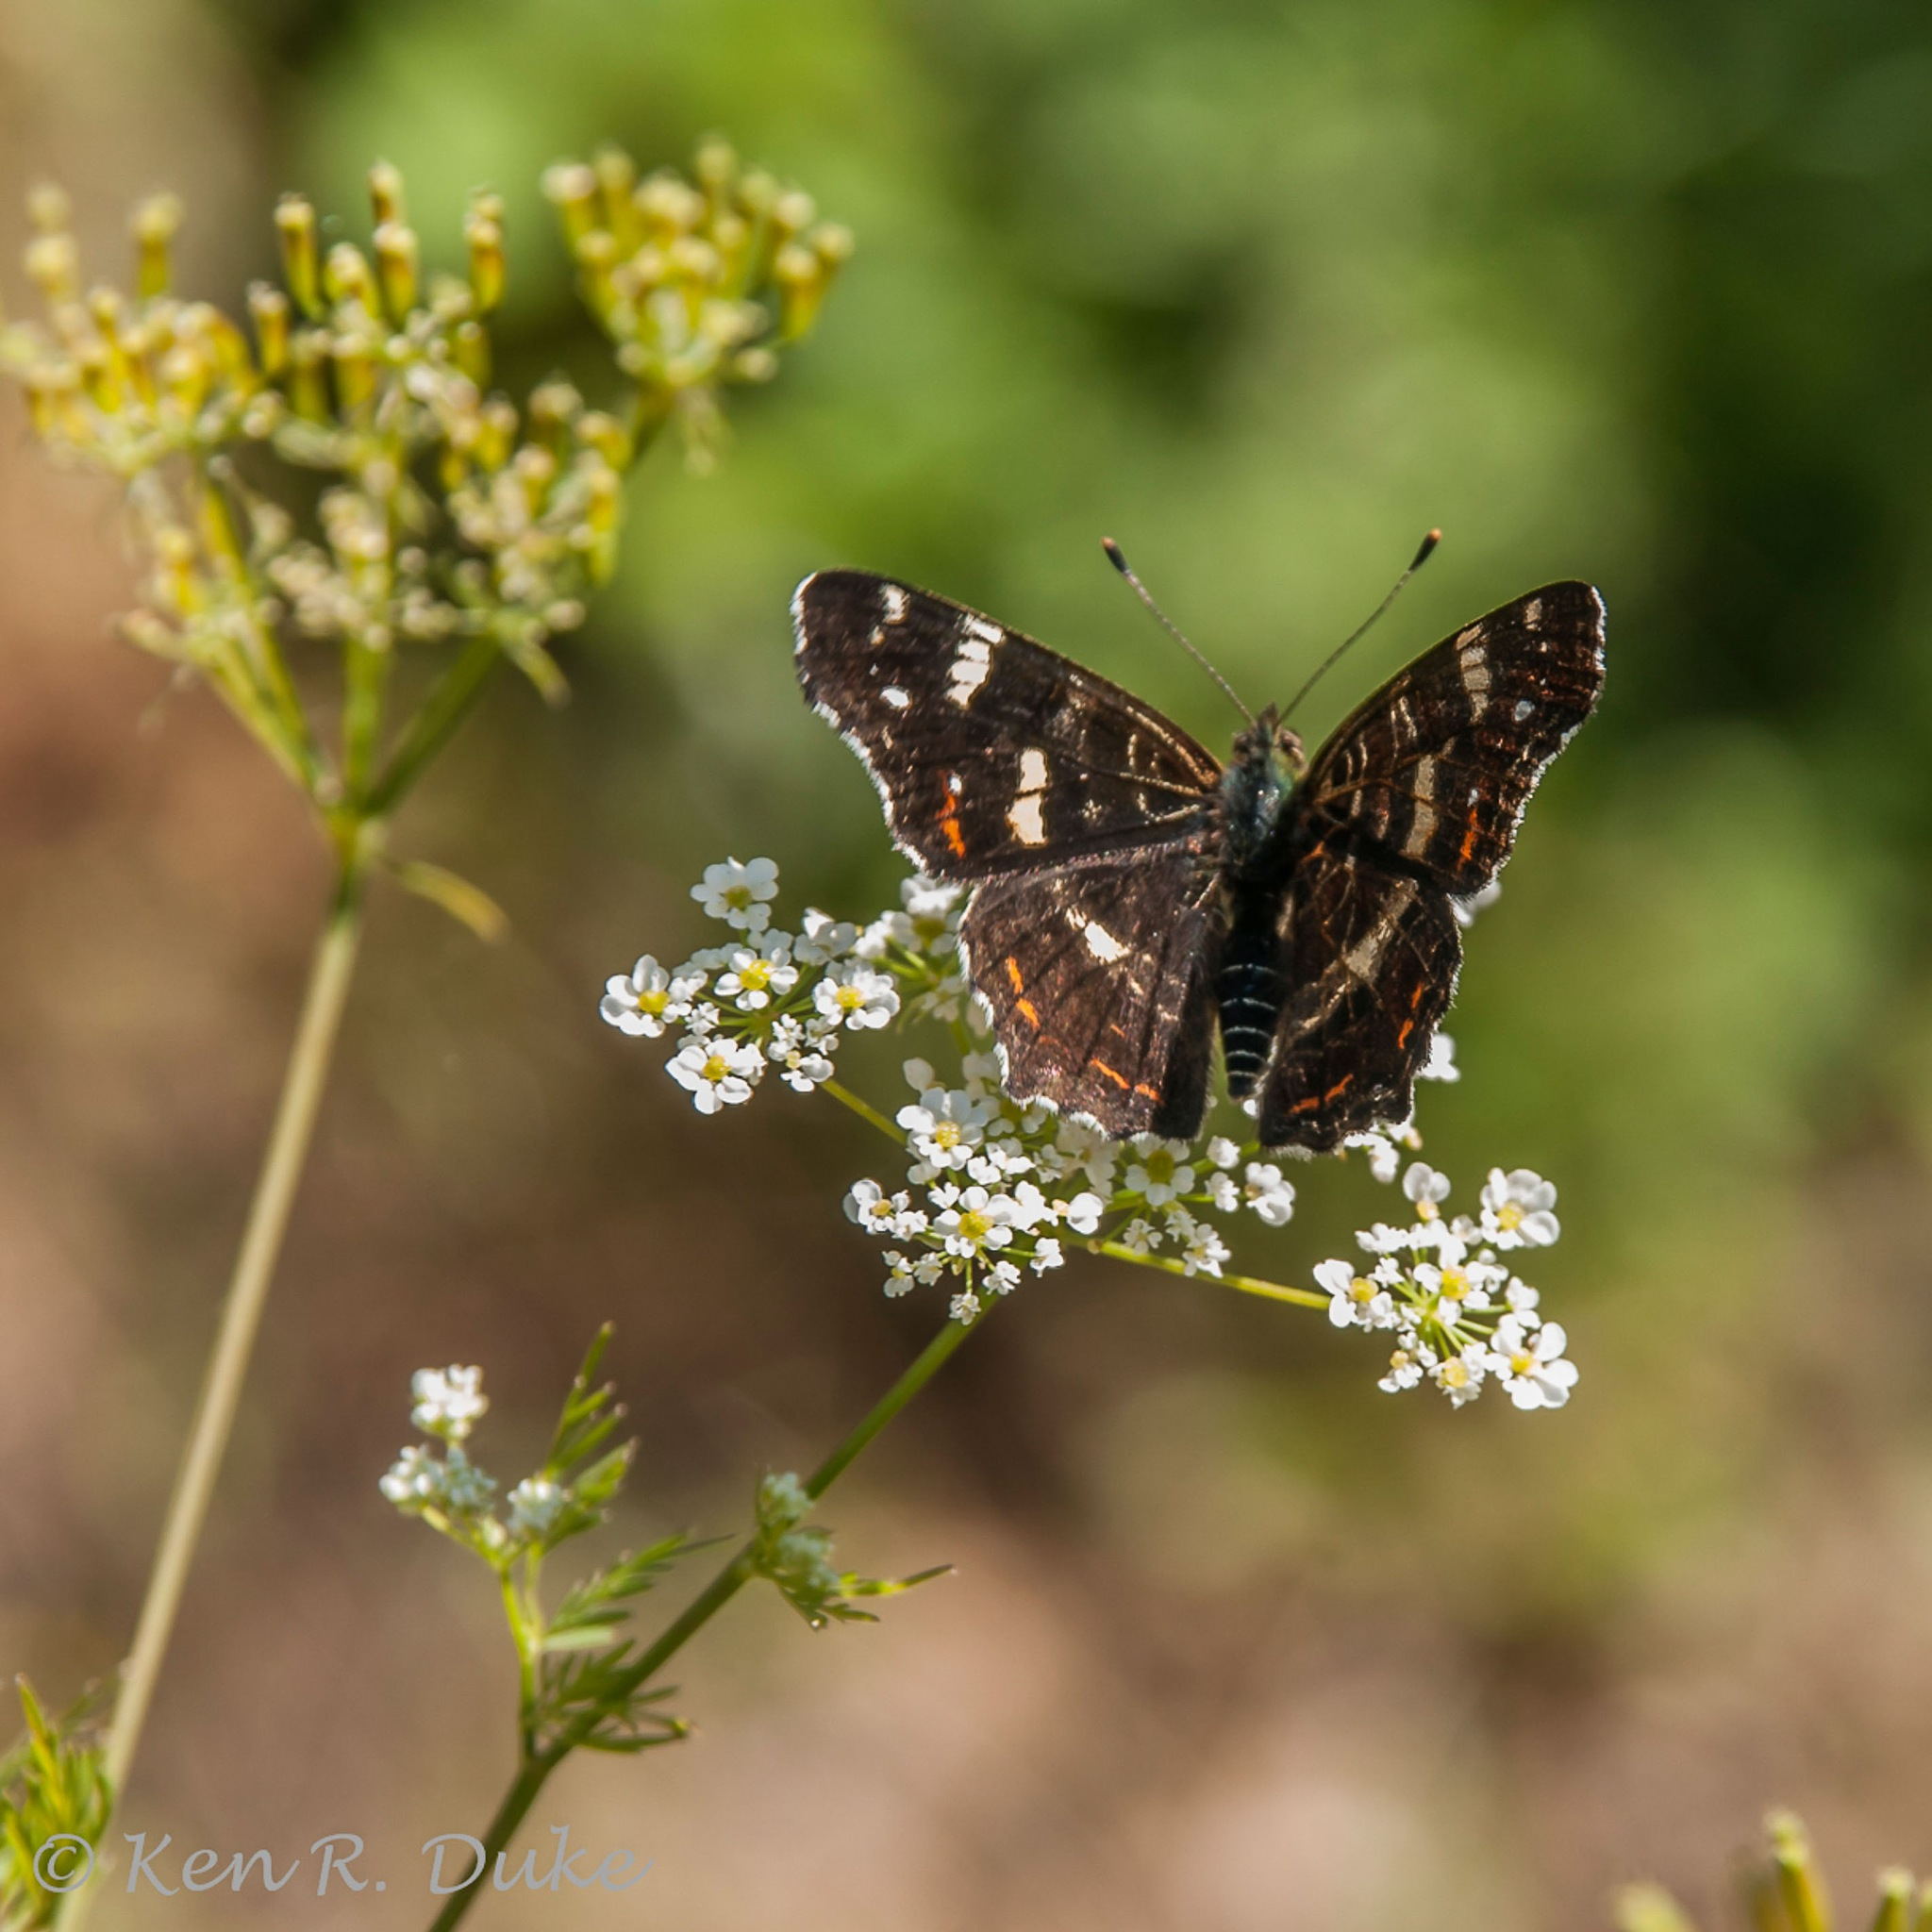 Landkartchen_Araschnia levana, Map Butterfly by Ken R Duke(Kenray44)